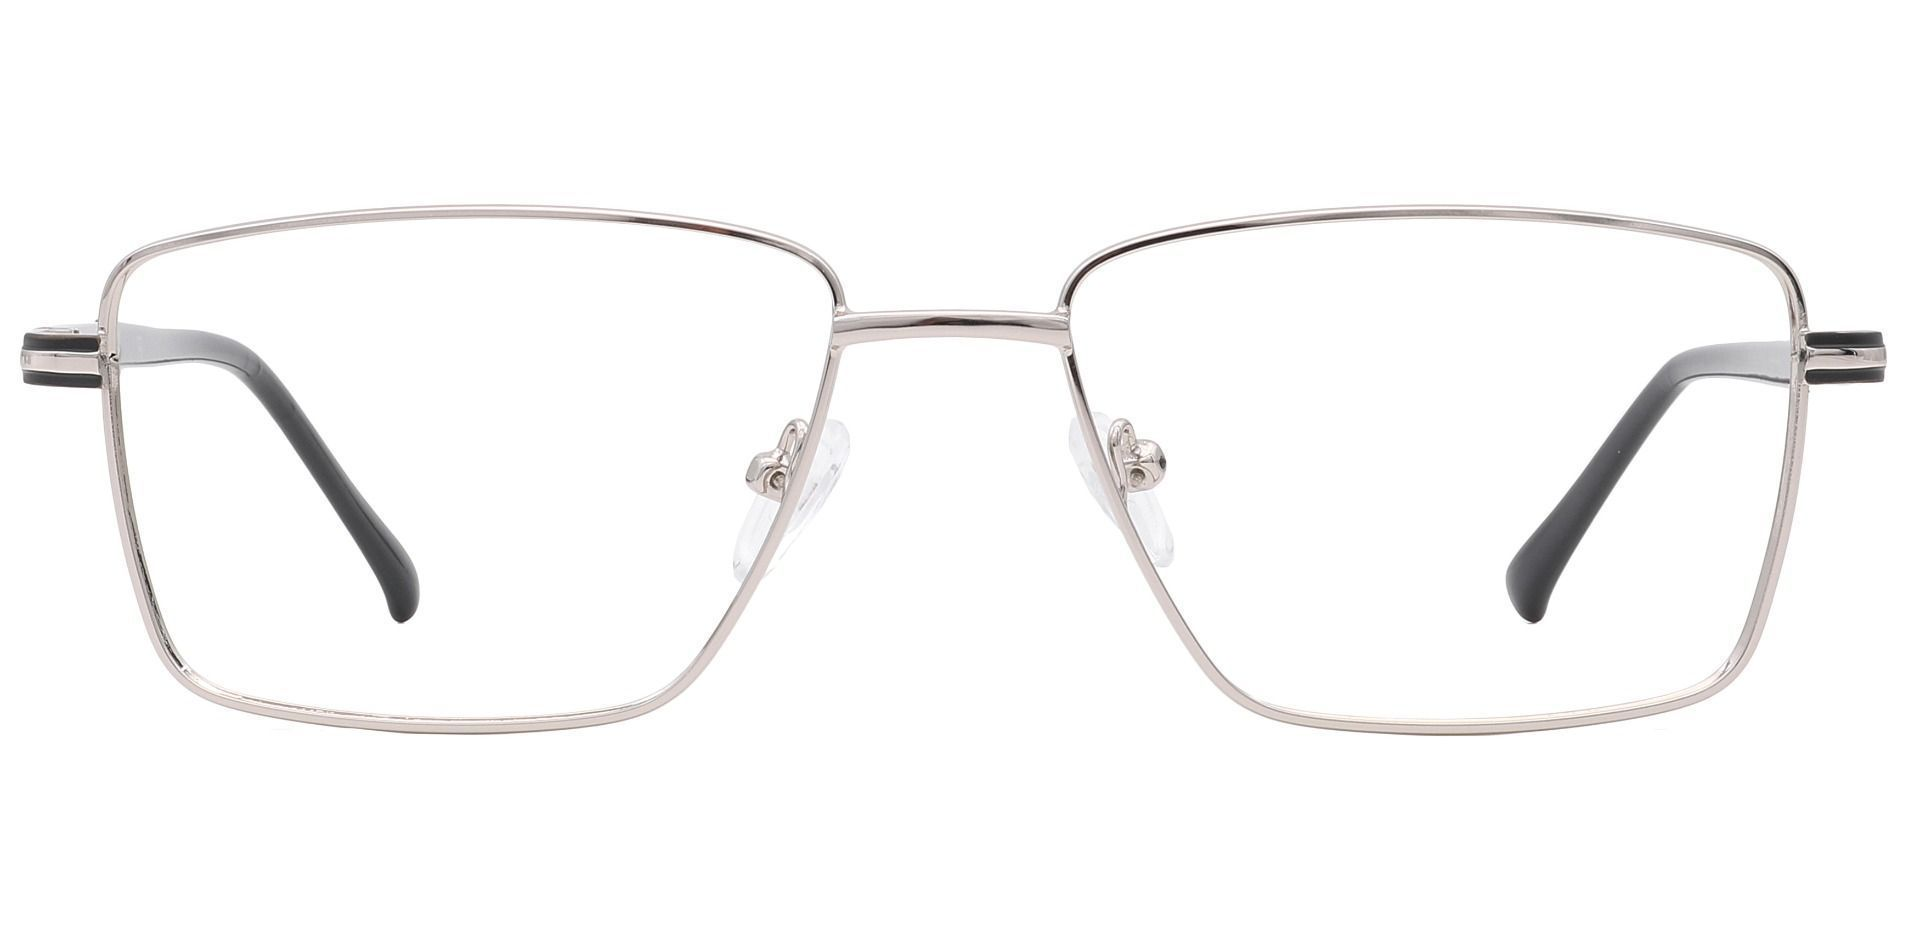 Daniel Rectangle Eyeglasses Frame -    Silver